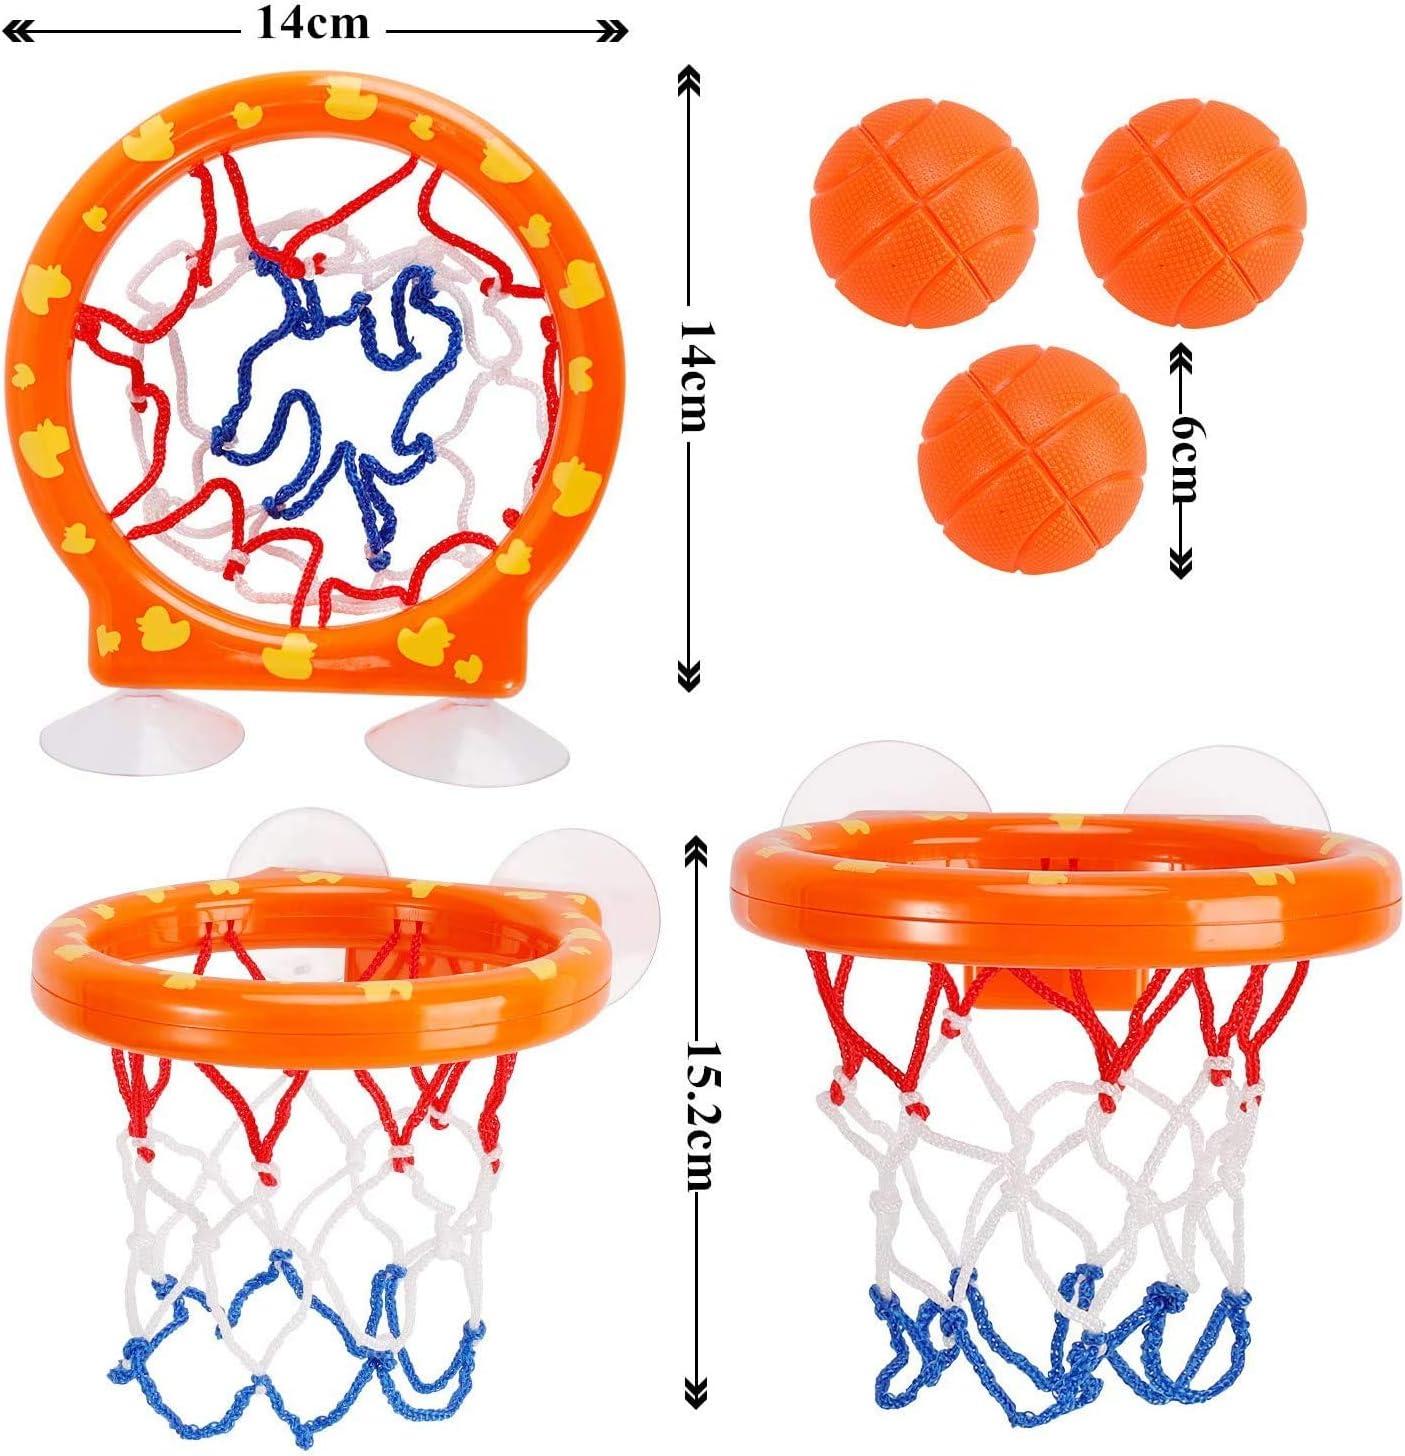 y 3 Bola,Mini Baloncesto aro Set,Juguete para el ba/ño de Baloncesto y aro Juego Creativo para ba/ñarse en la ba/ñera para ni/ños con Ventosas gotyou Juguetes de ba/ño-Canasta Baloncesto Infantil Ba/ñera